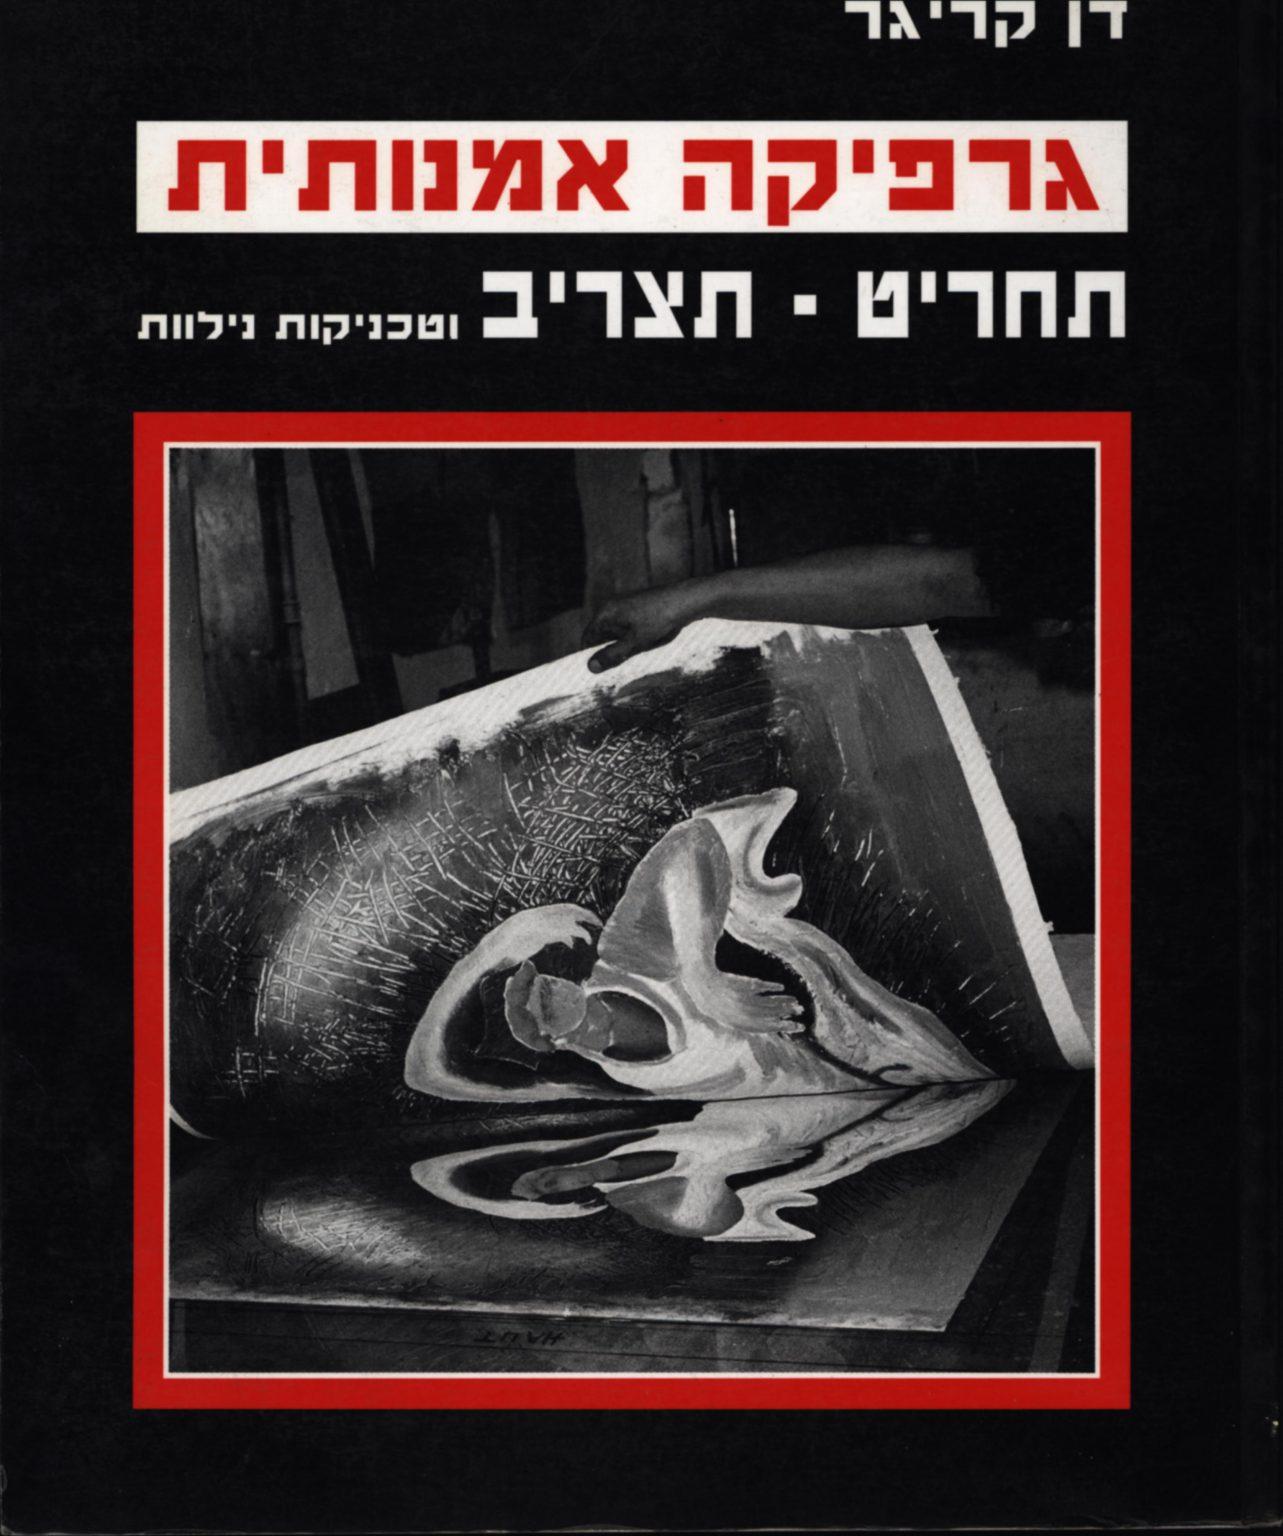 דן קריגר, גרפיקה אמנותית: תחריט - תצריב וטכניקות נילוות, ידיעות אחרונות, 1995